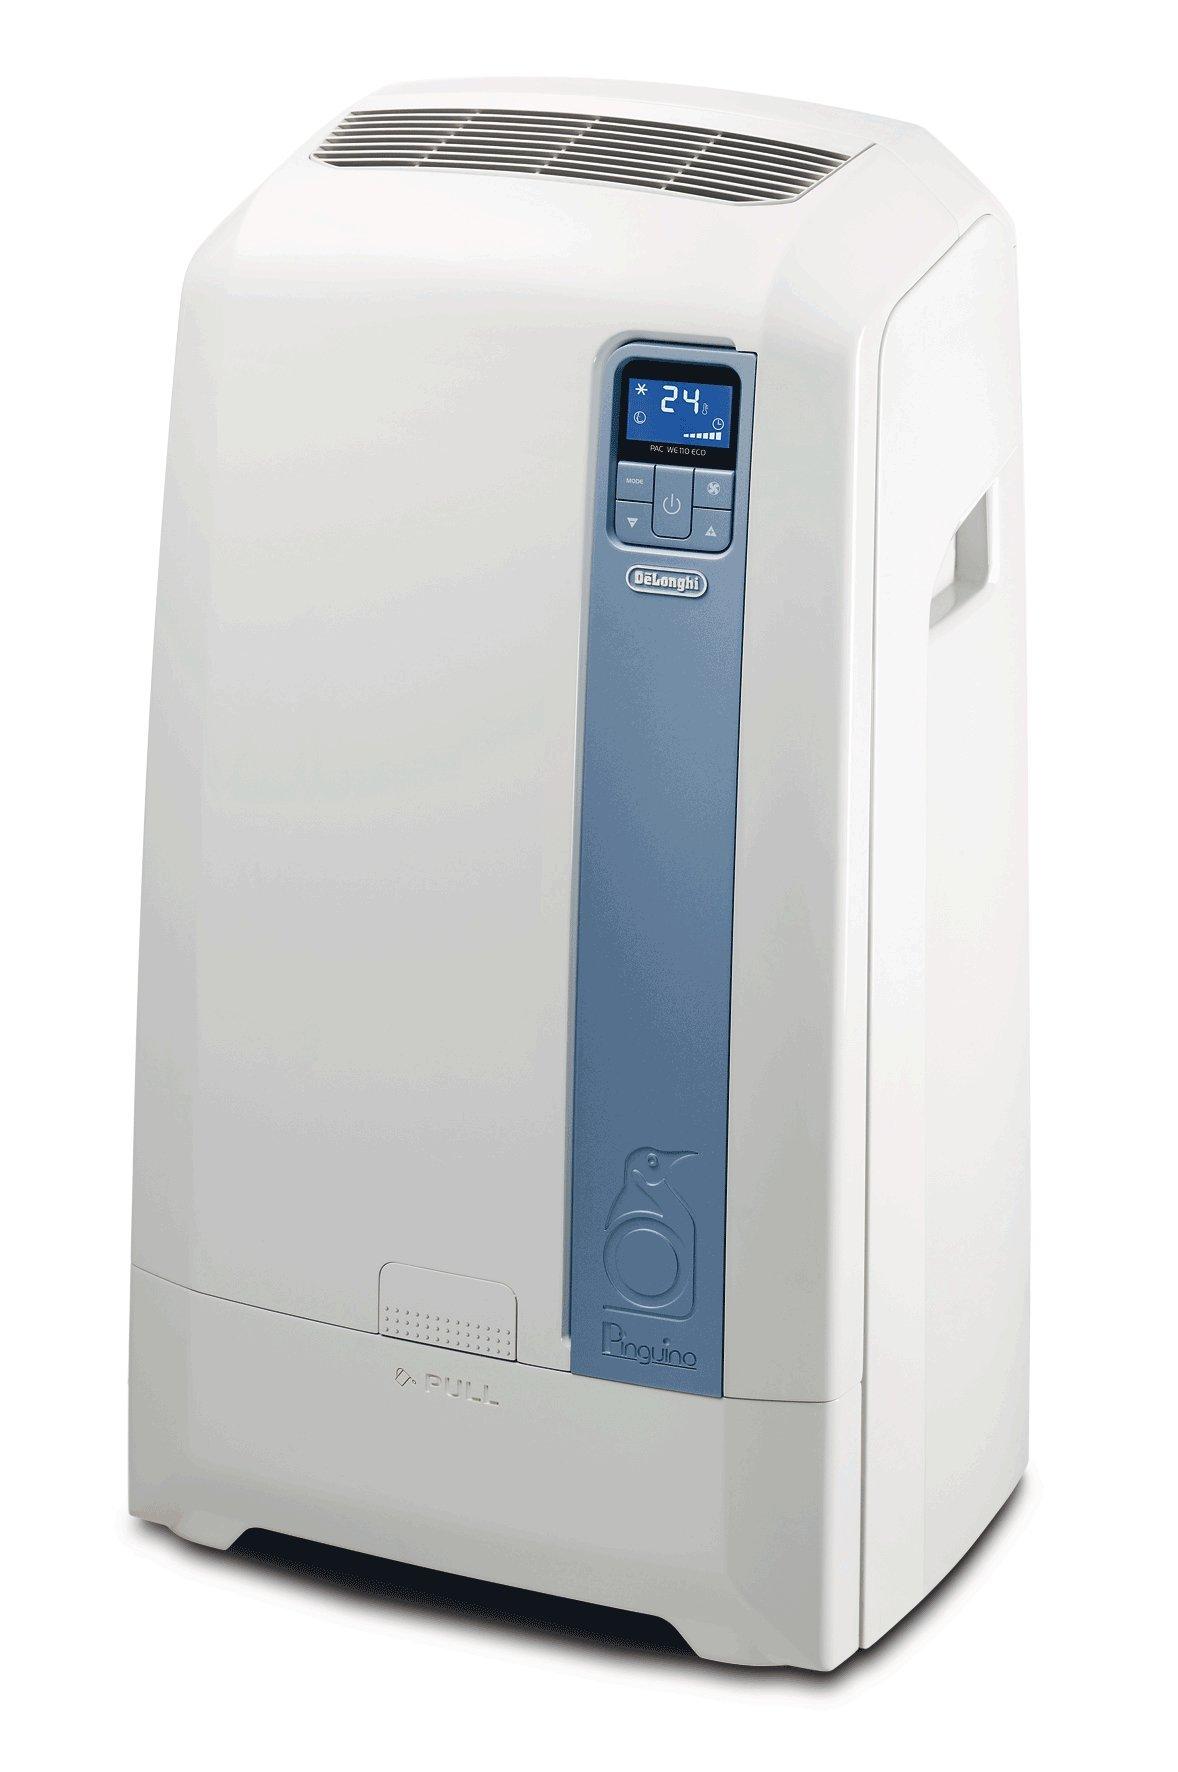 De'Longhi PAC WE112 Eco Mobiles Klimagerät (Klimaanlage, Wasser-Luft-Technologie, Max. Kühlleistung 3,0 kW/11.500 BTU/h, Separate Entfeuchtungsfunktion, Geeignet für Räume bis zu 100 m³) [Energieklasse EEK A+] product image